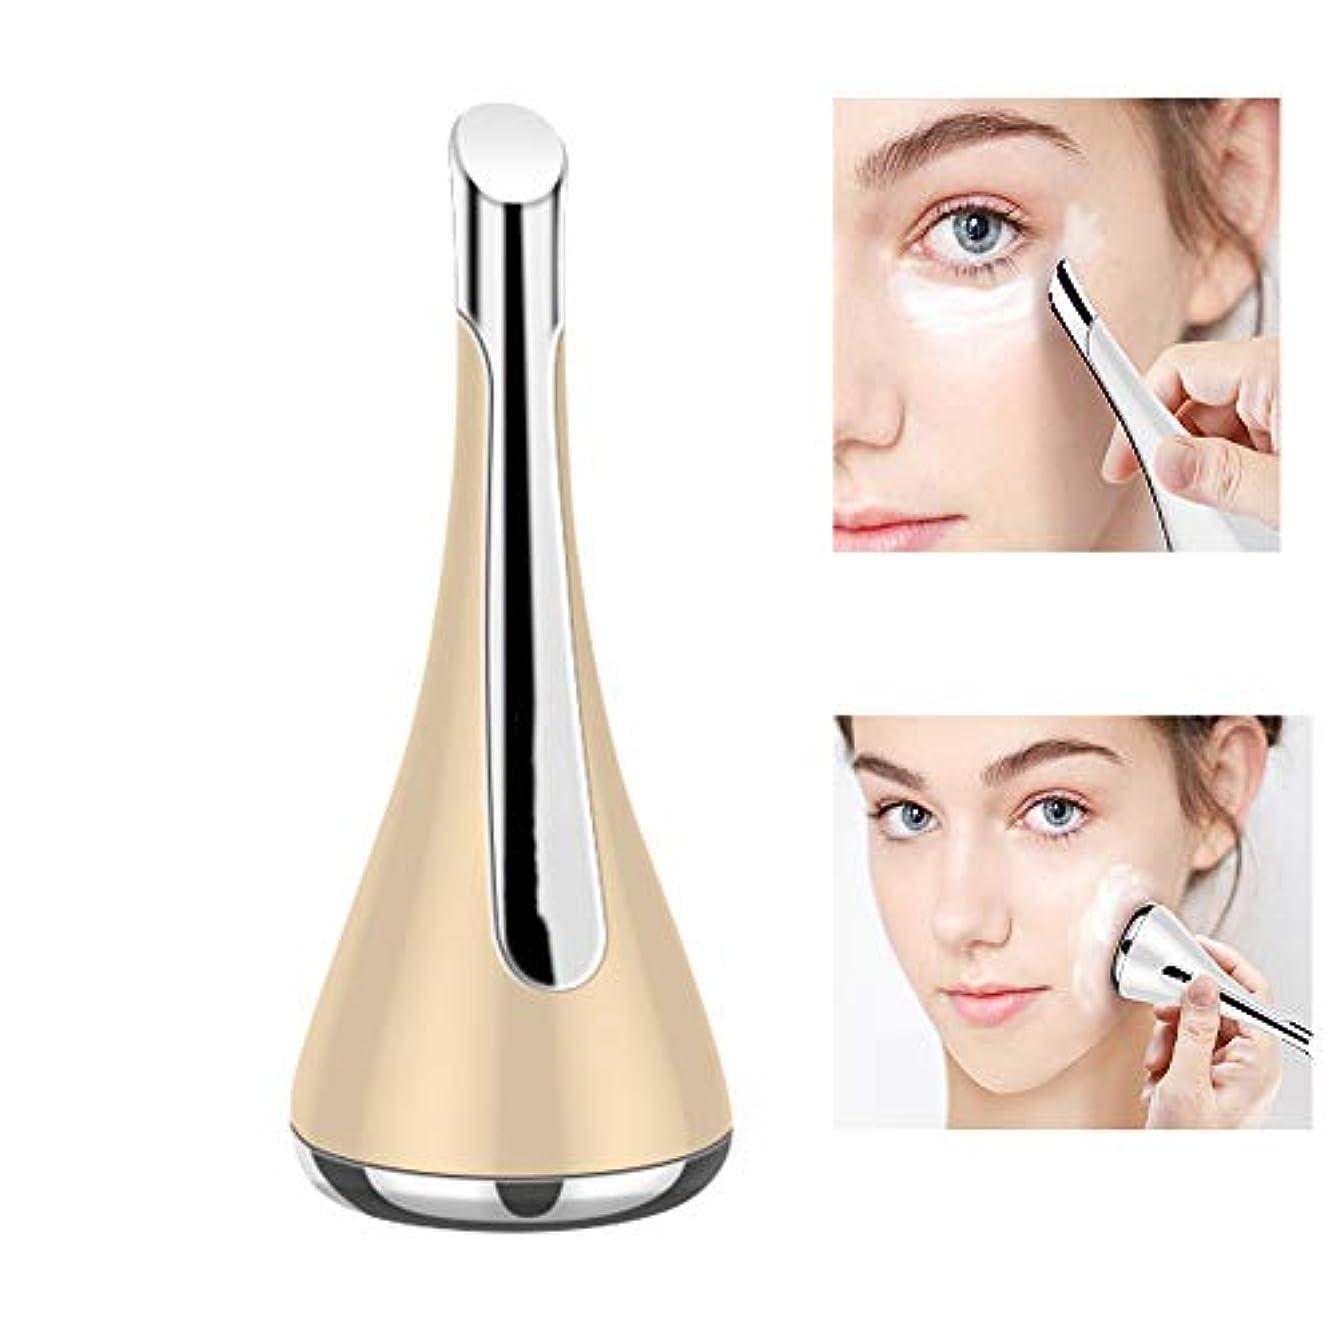 モンキー切断する繕う顔と目に明るい肌を導入するためのデュアルプローブ磁気導入器,金